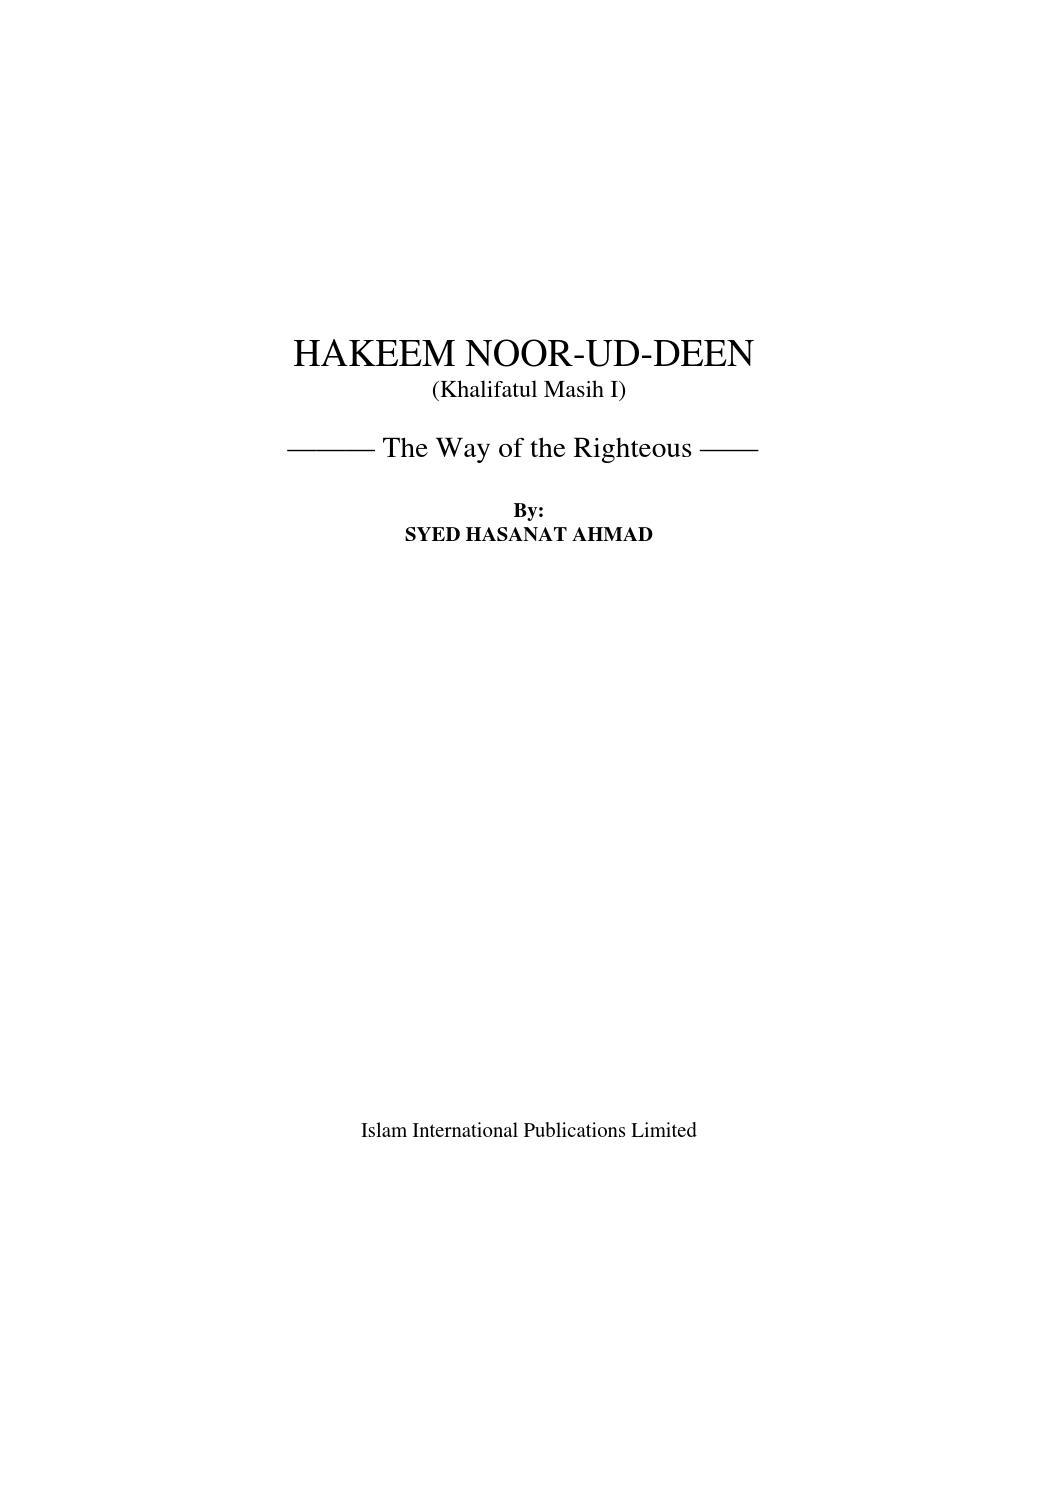 Hakeem Noor-ud-deen (The Way to the Righteous) by Adeel